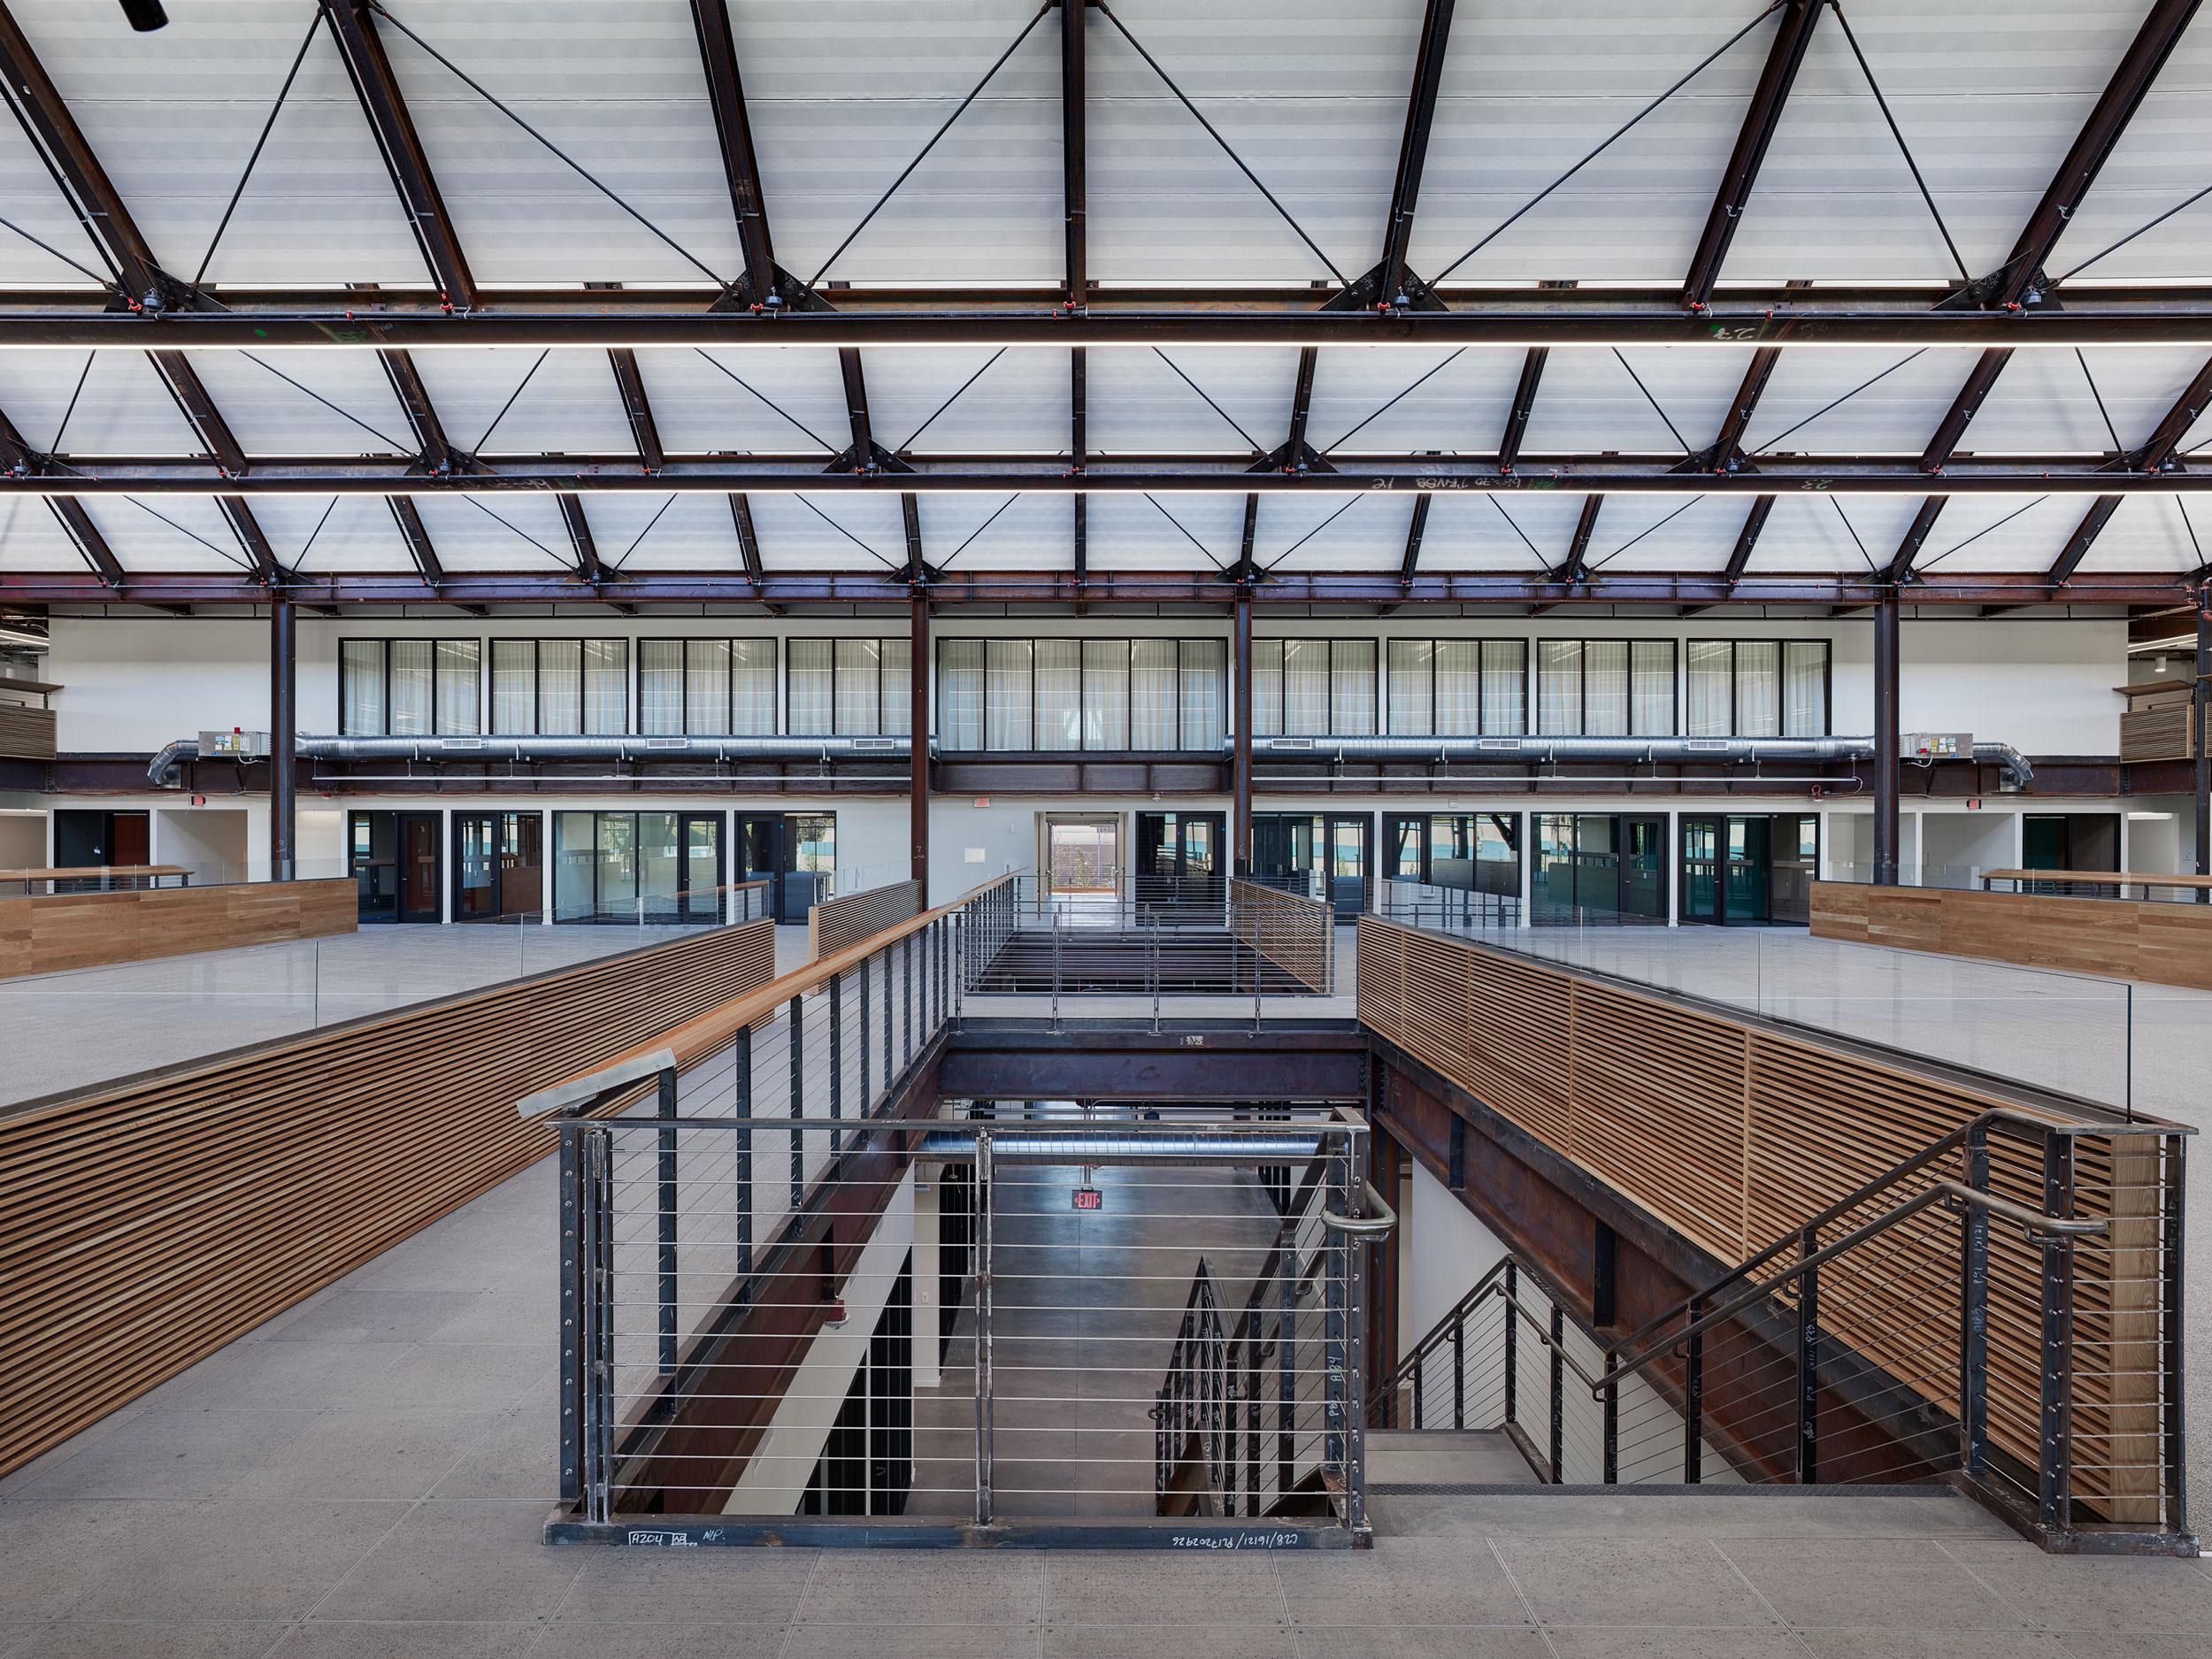 Google at 1212 Bordeaux, Truss, Skylights, Sky, Views, Natural Light, Concrete, Portal Stair, Wood, Acoustics